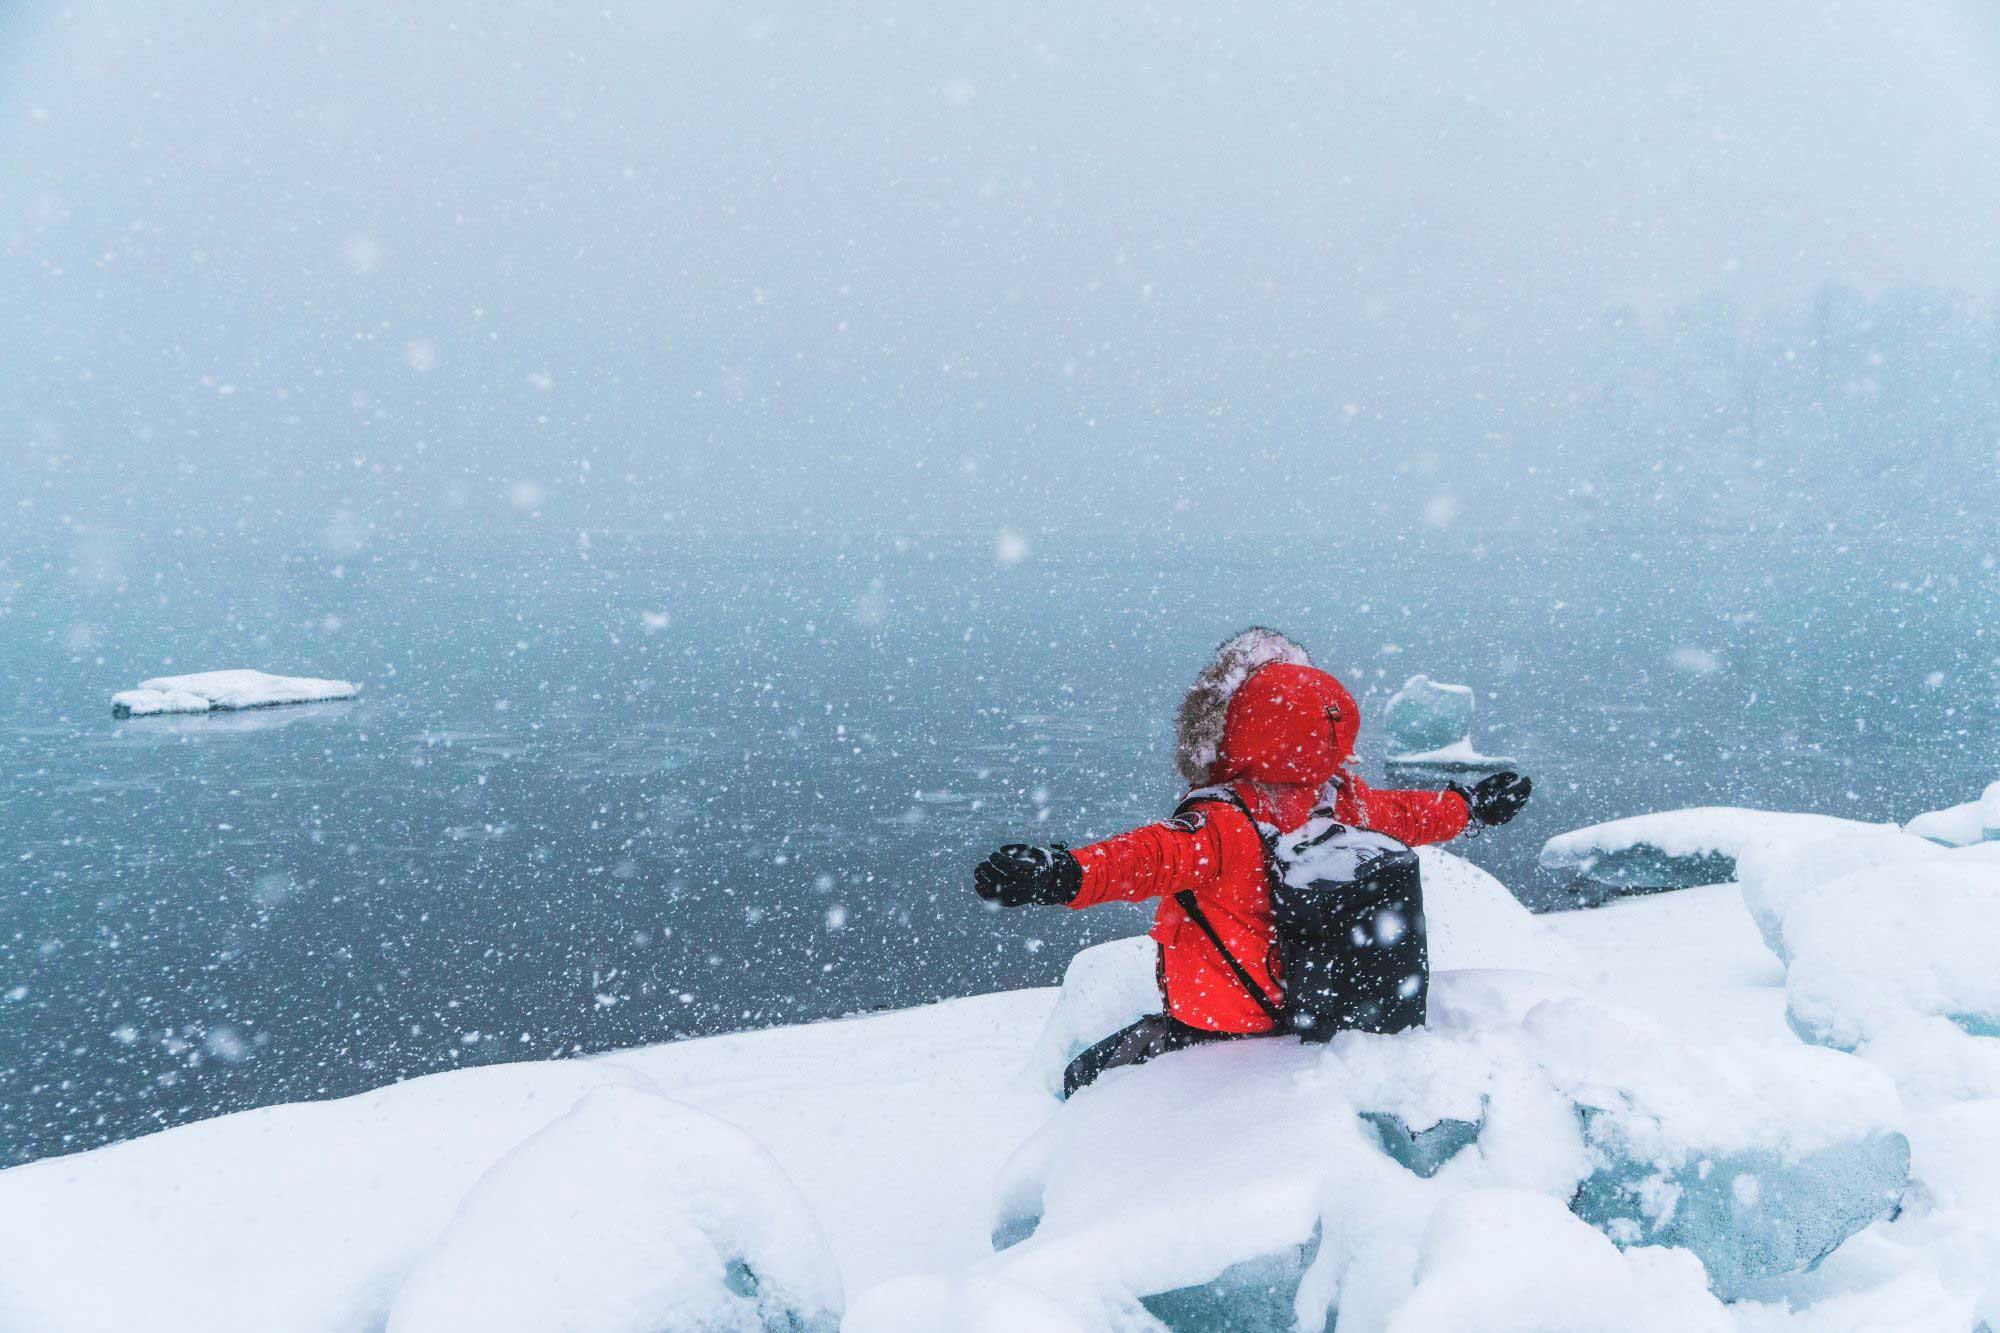 サマハンで冷えと冬を乗り切る